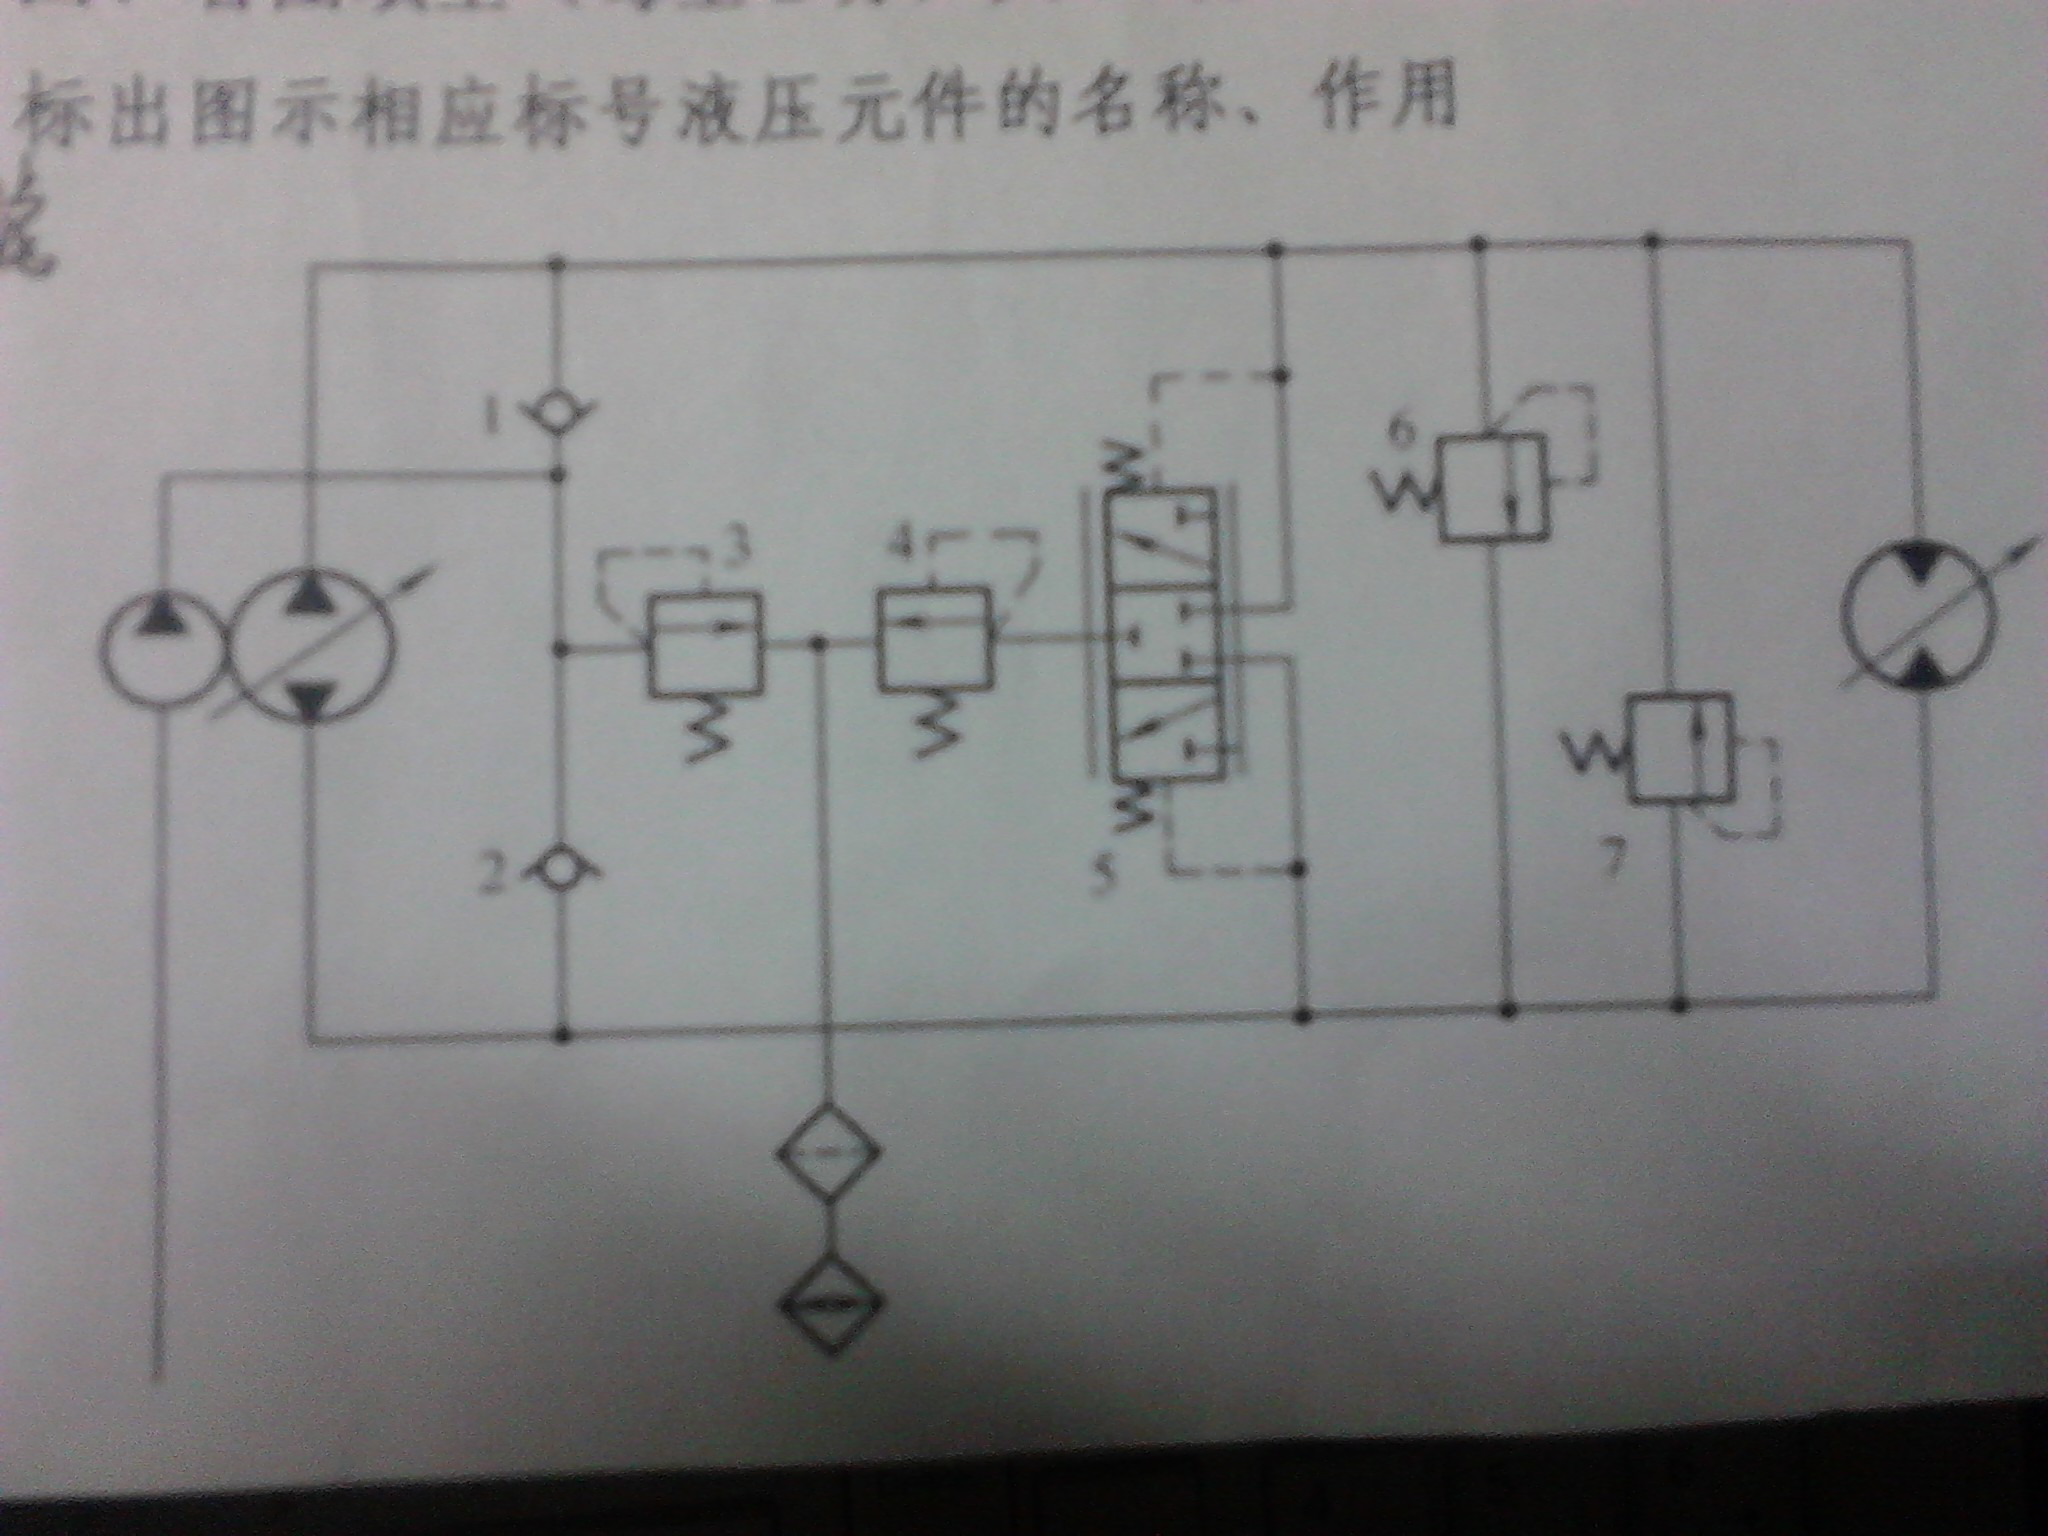 图示的油路是哪种调速回路?还有图上标出的液压元件都是什么?图片